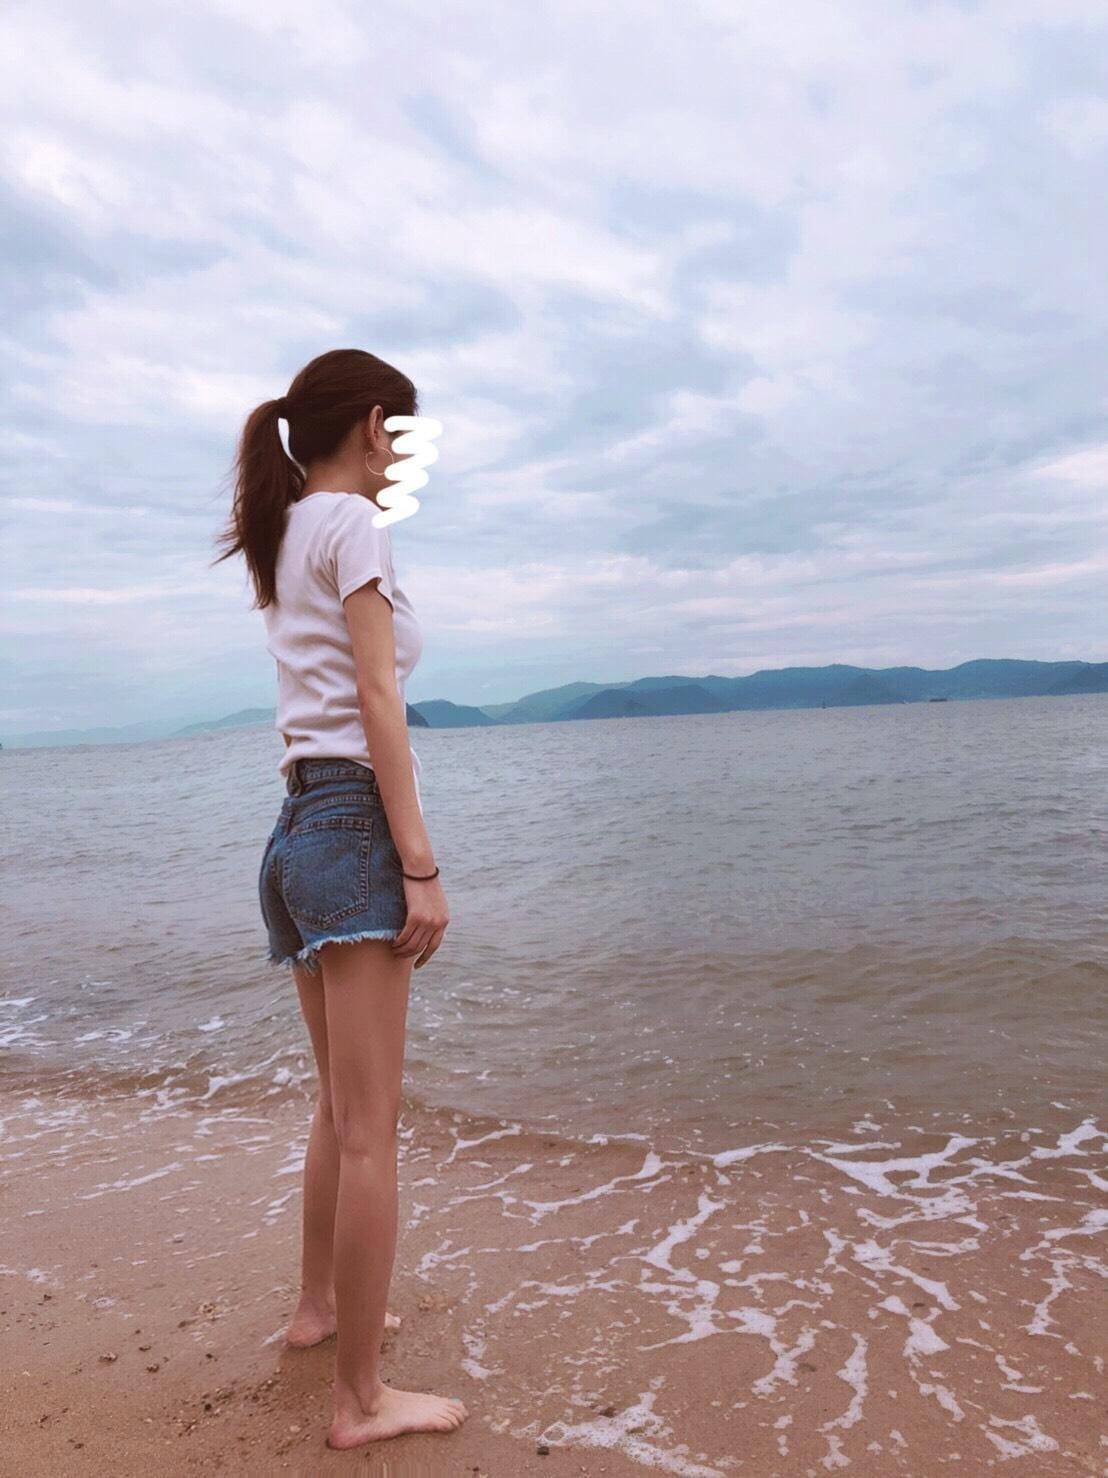 「おとはです」08/09(木) 22:01 | おとは(リフレ)の写メ・風俗動画